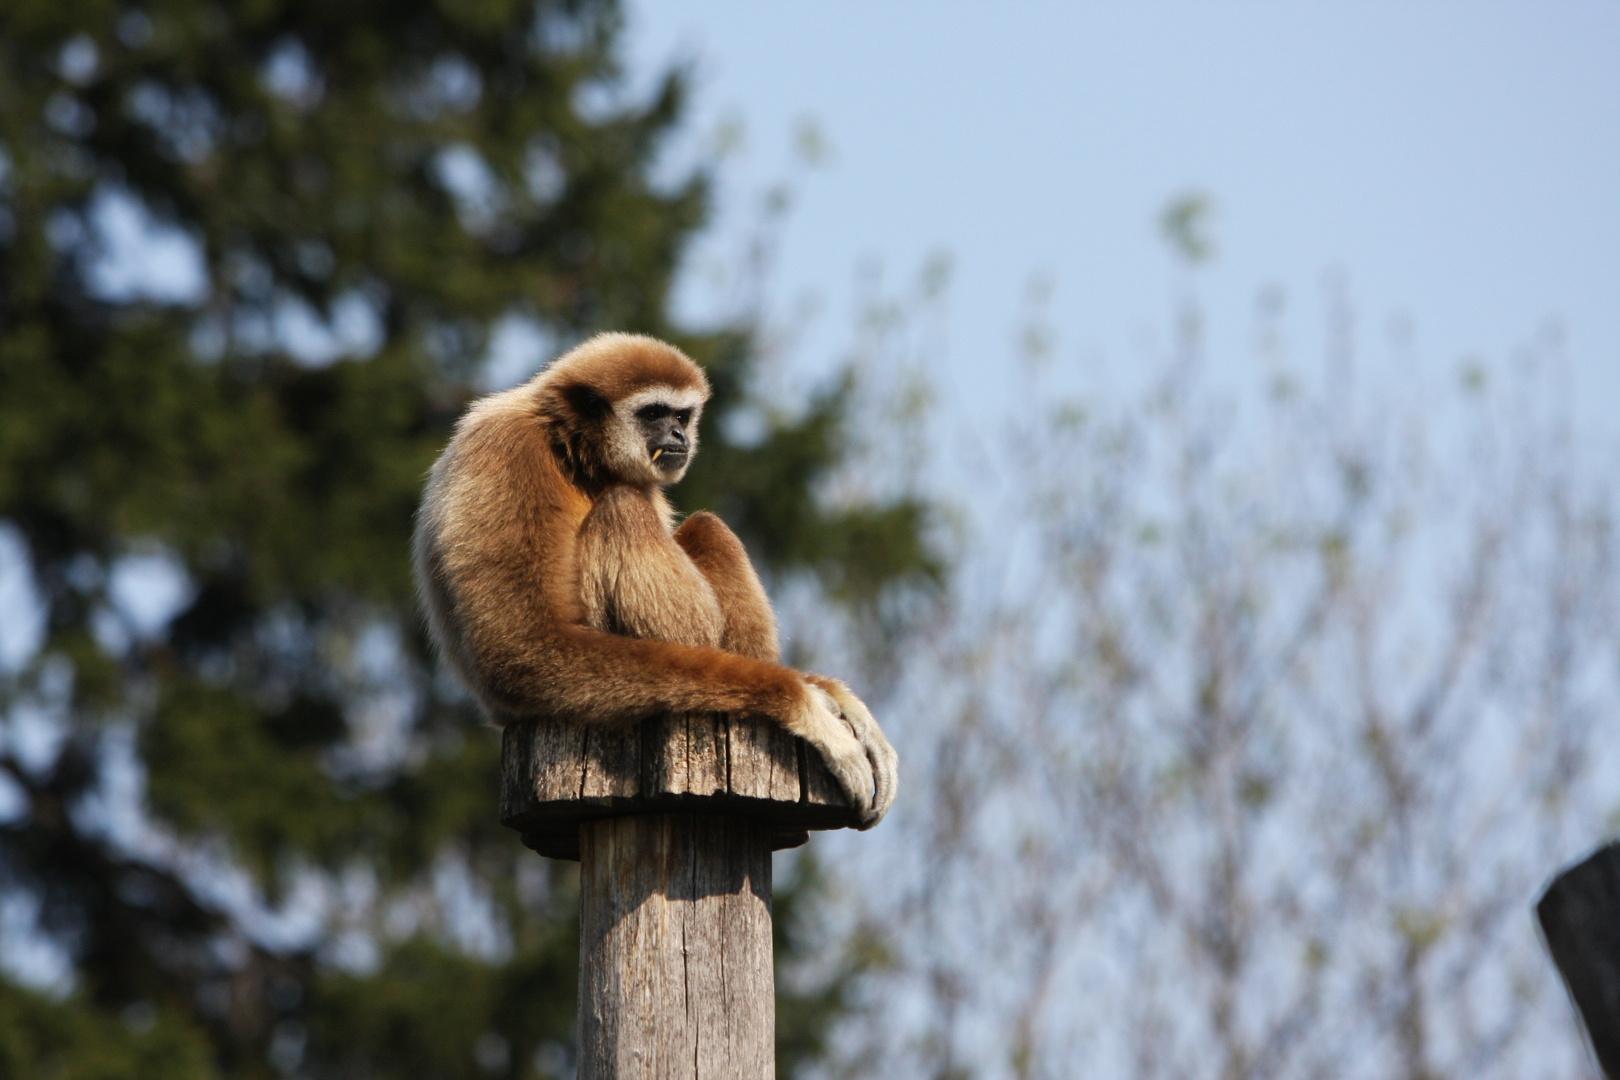 Gibbon am Baum